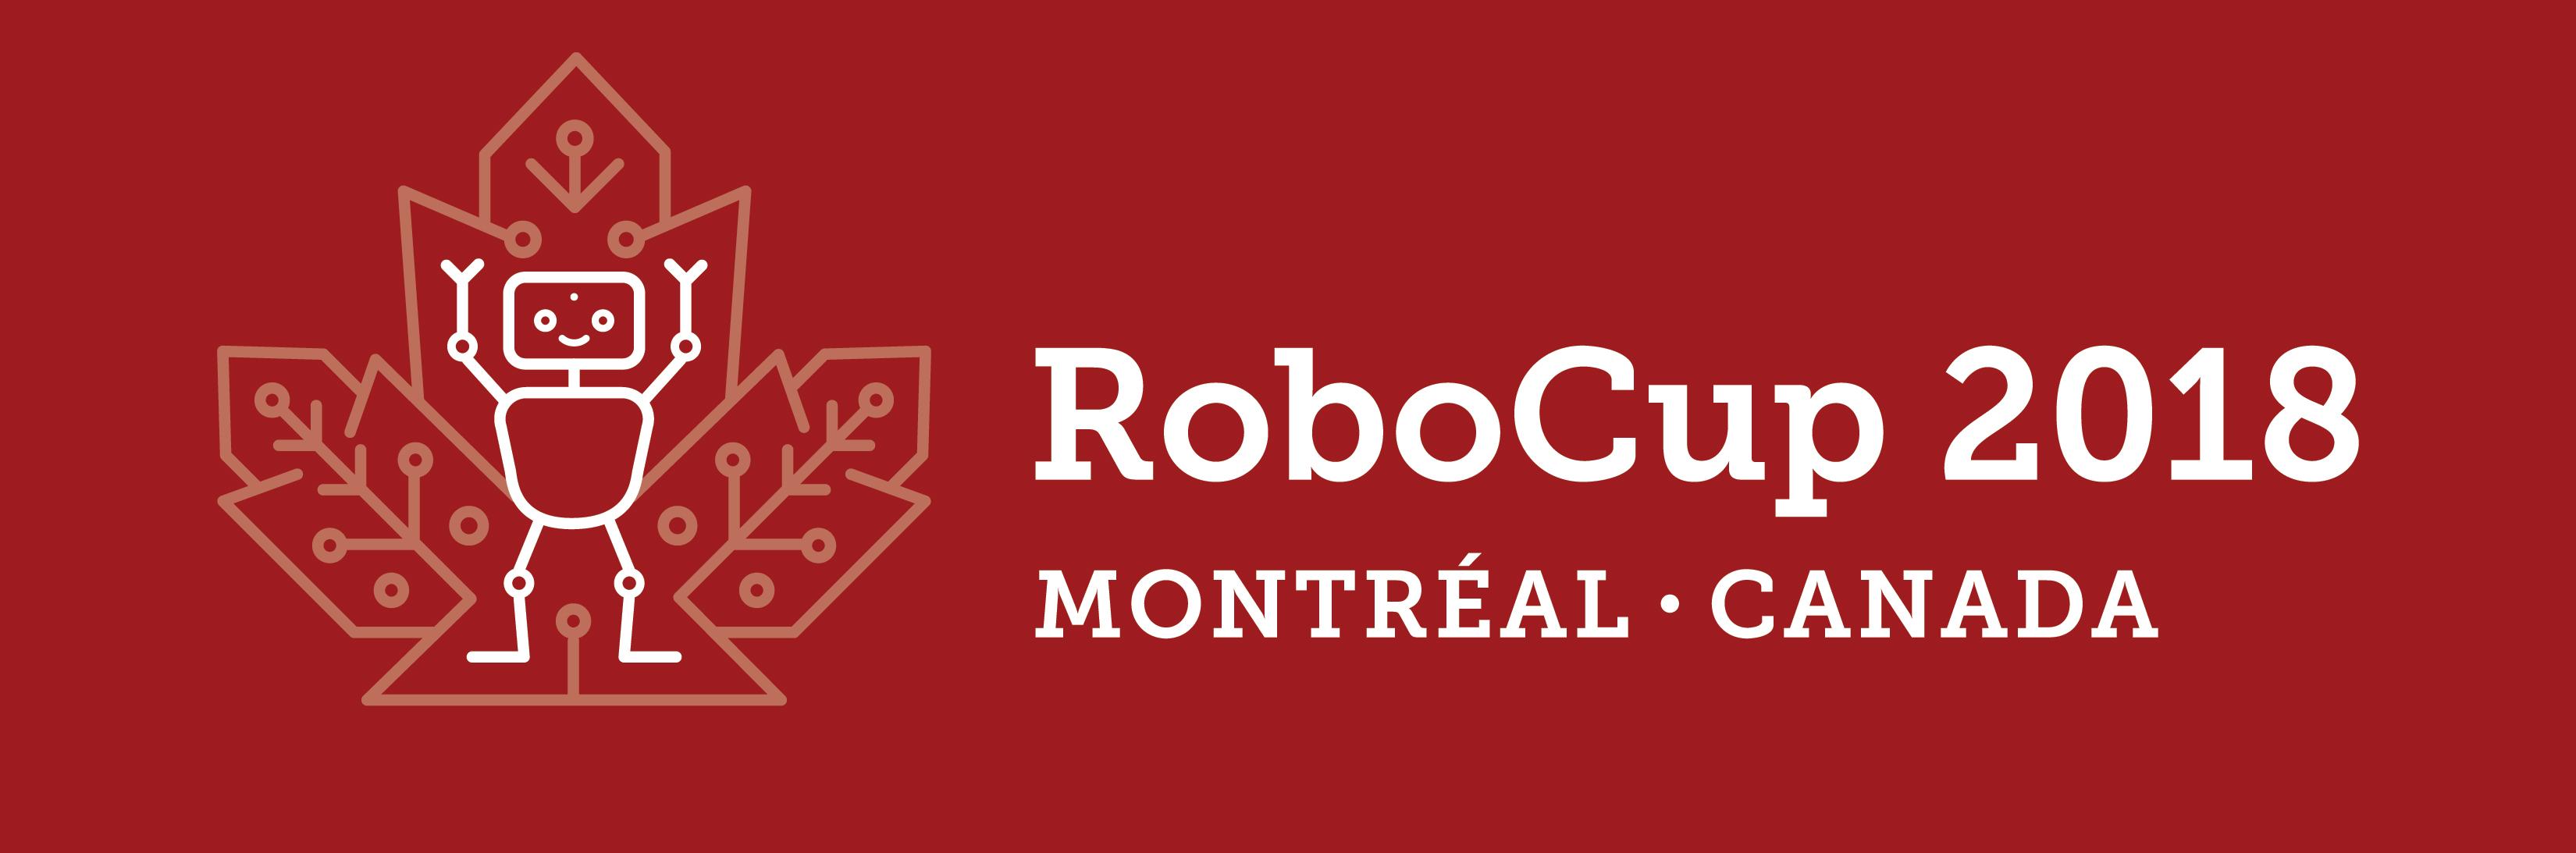 RoboCup 2018 Logo